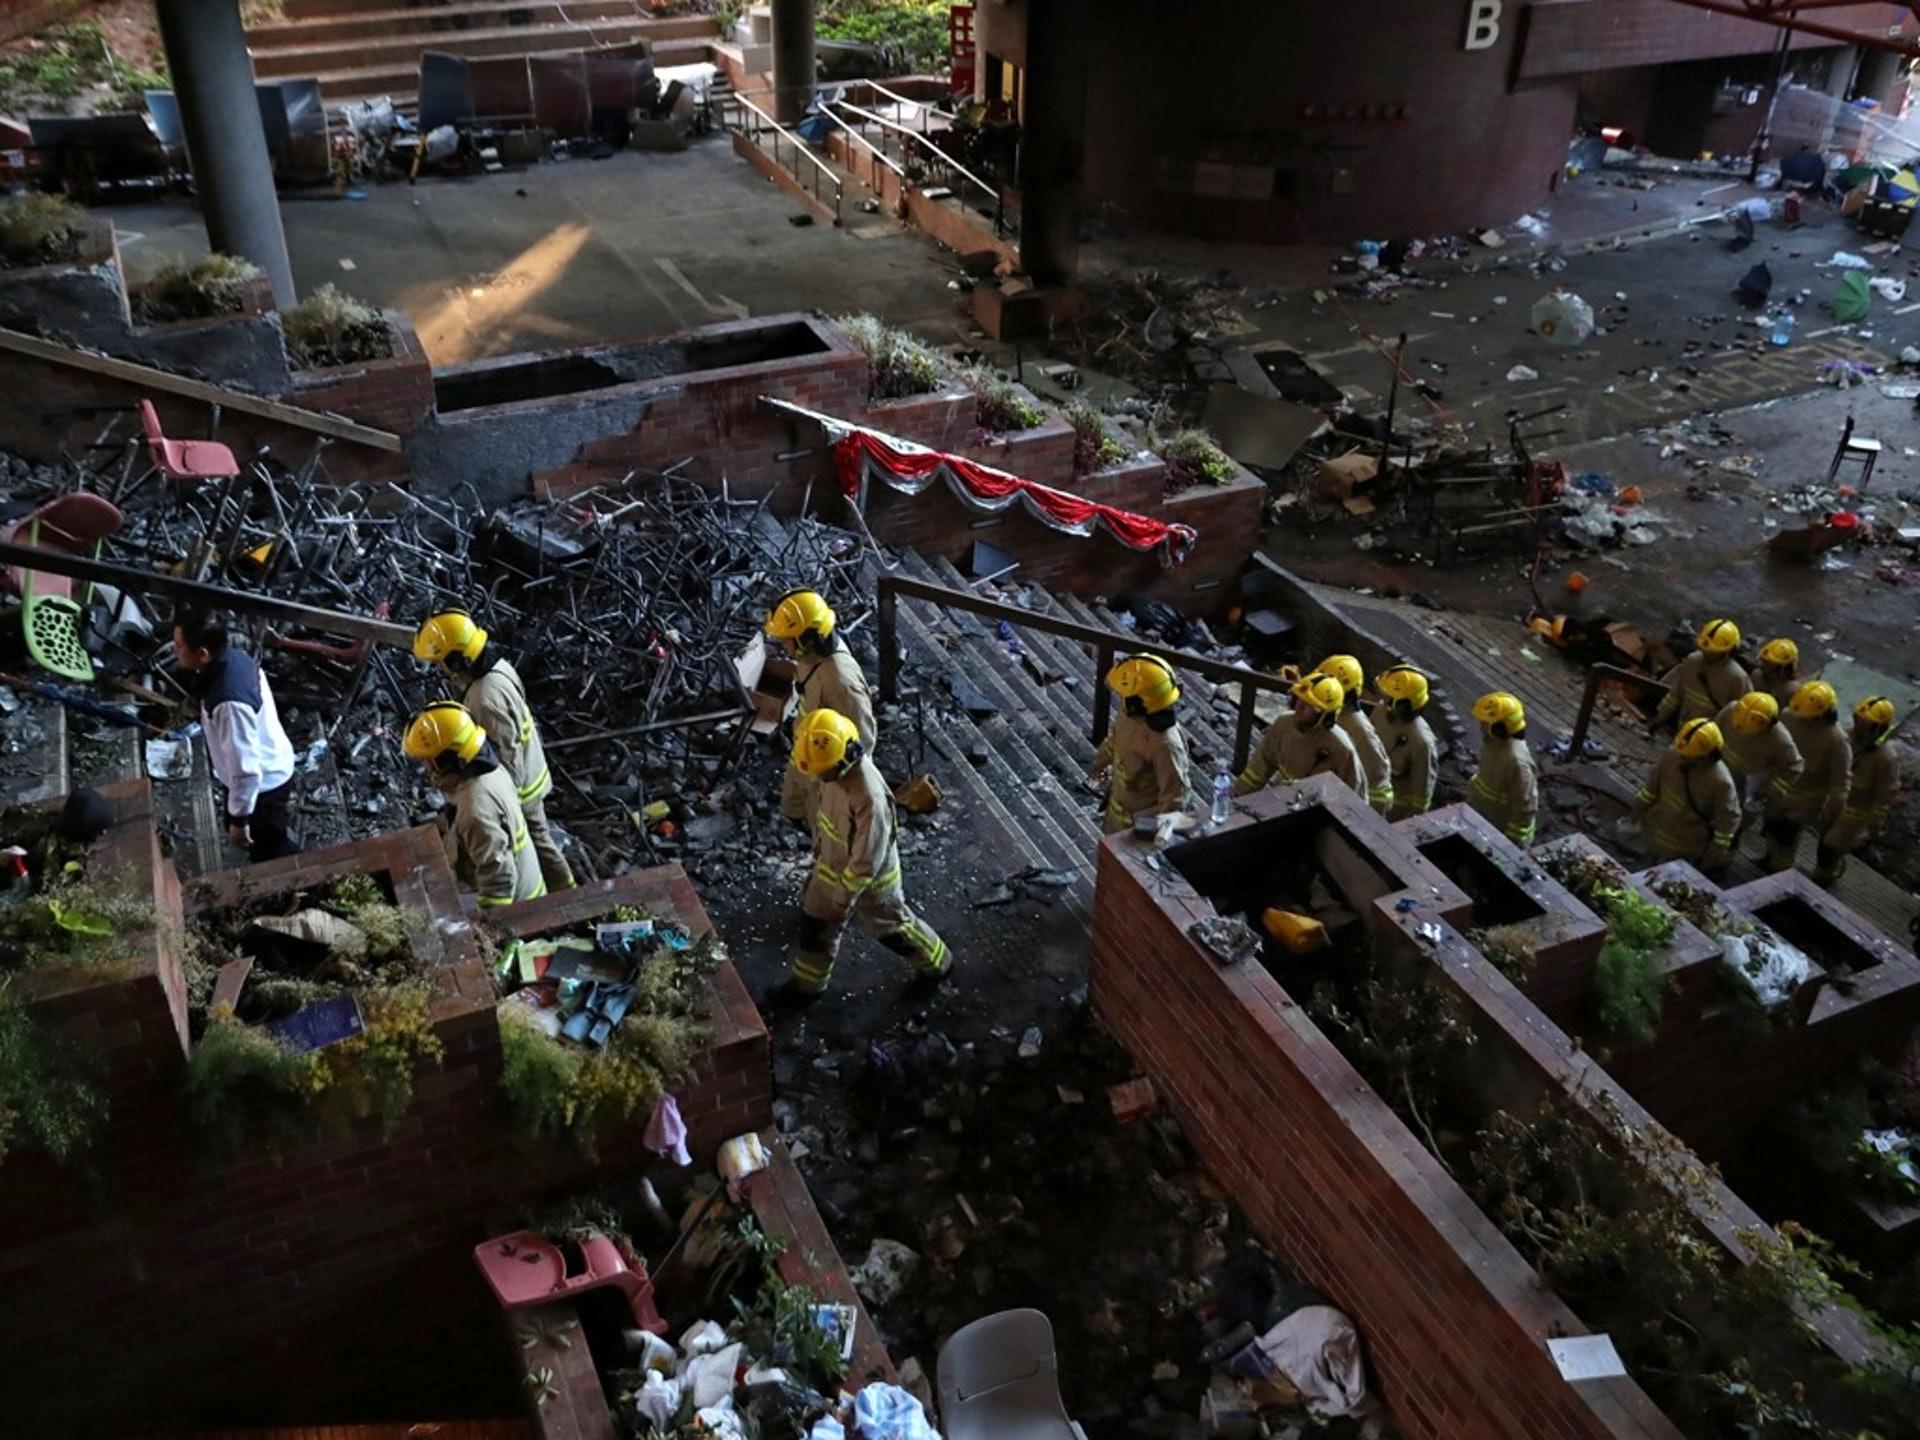 11月28日,由香港警方和地方當局組成的安全小組成員抵達中國香港香港理工大學校園,對不安全物品進行評估和清理。(AP)